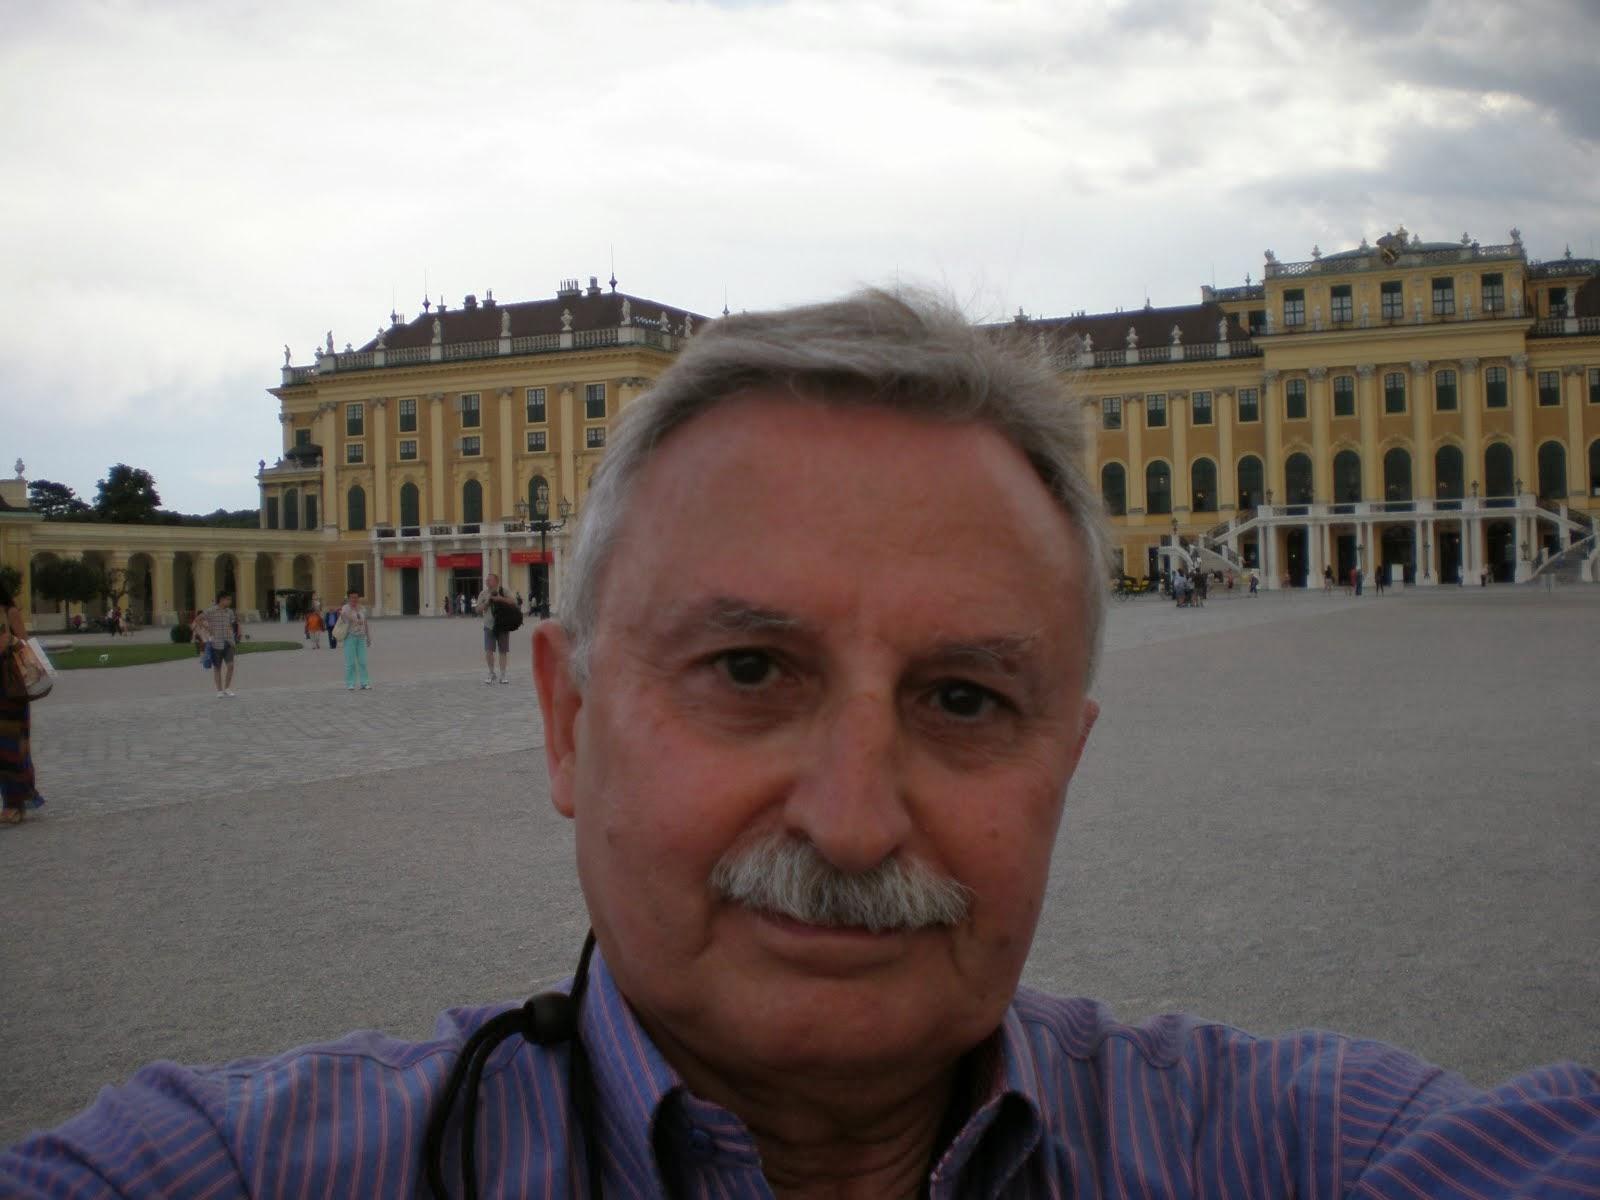 Turismo durante el Congreso de Viena